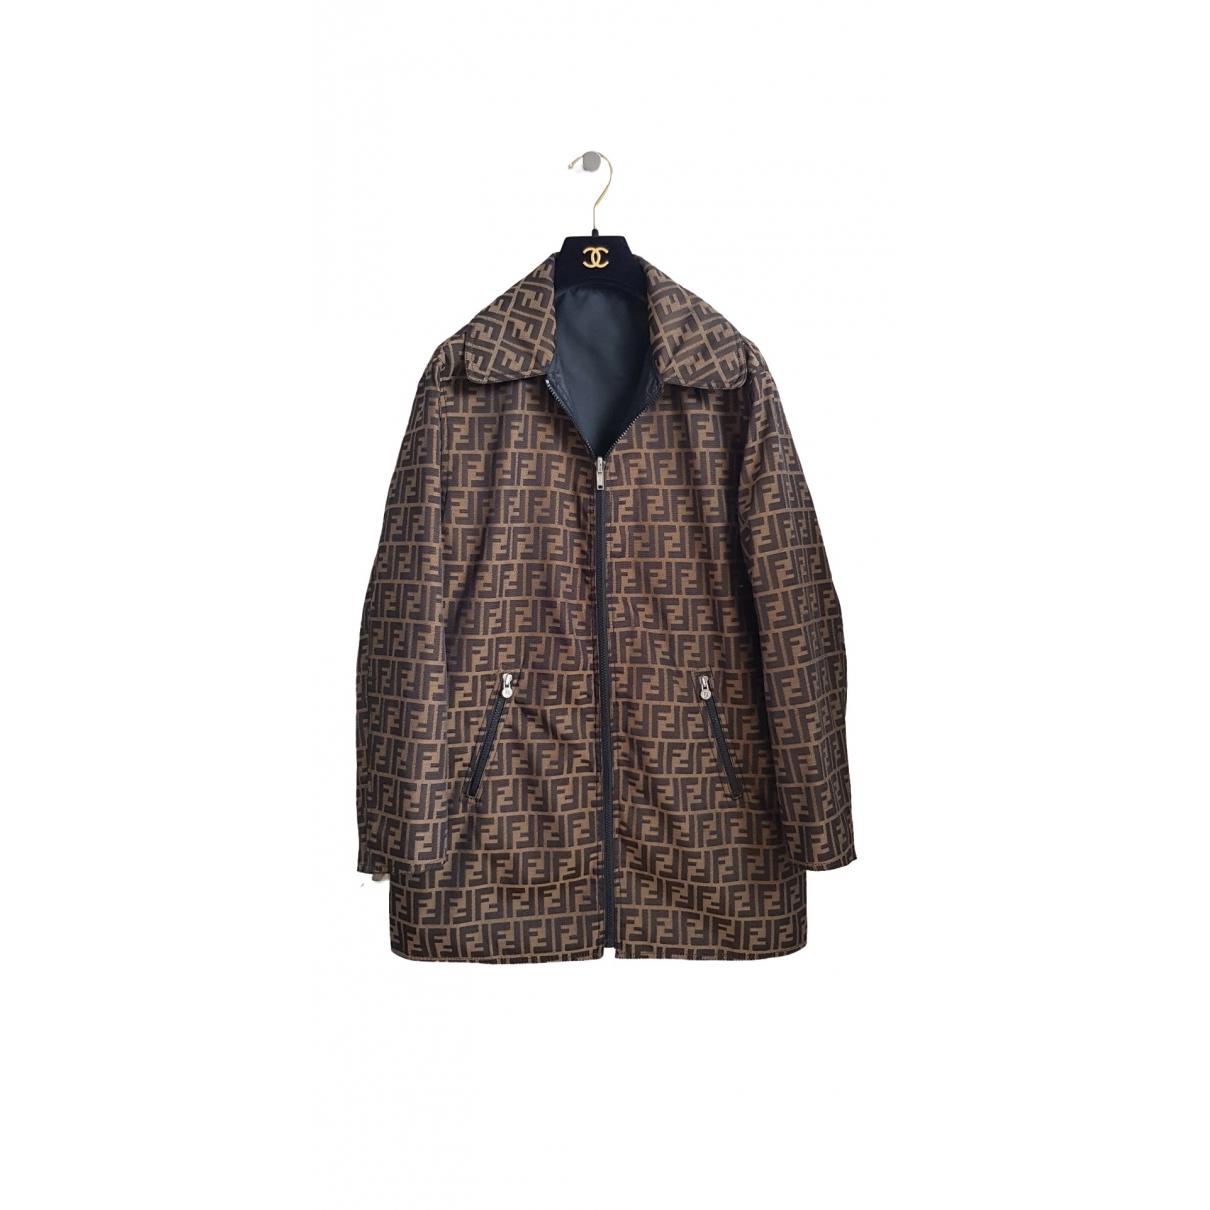 Fendi \N Brown jacket for Women 42 IT